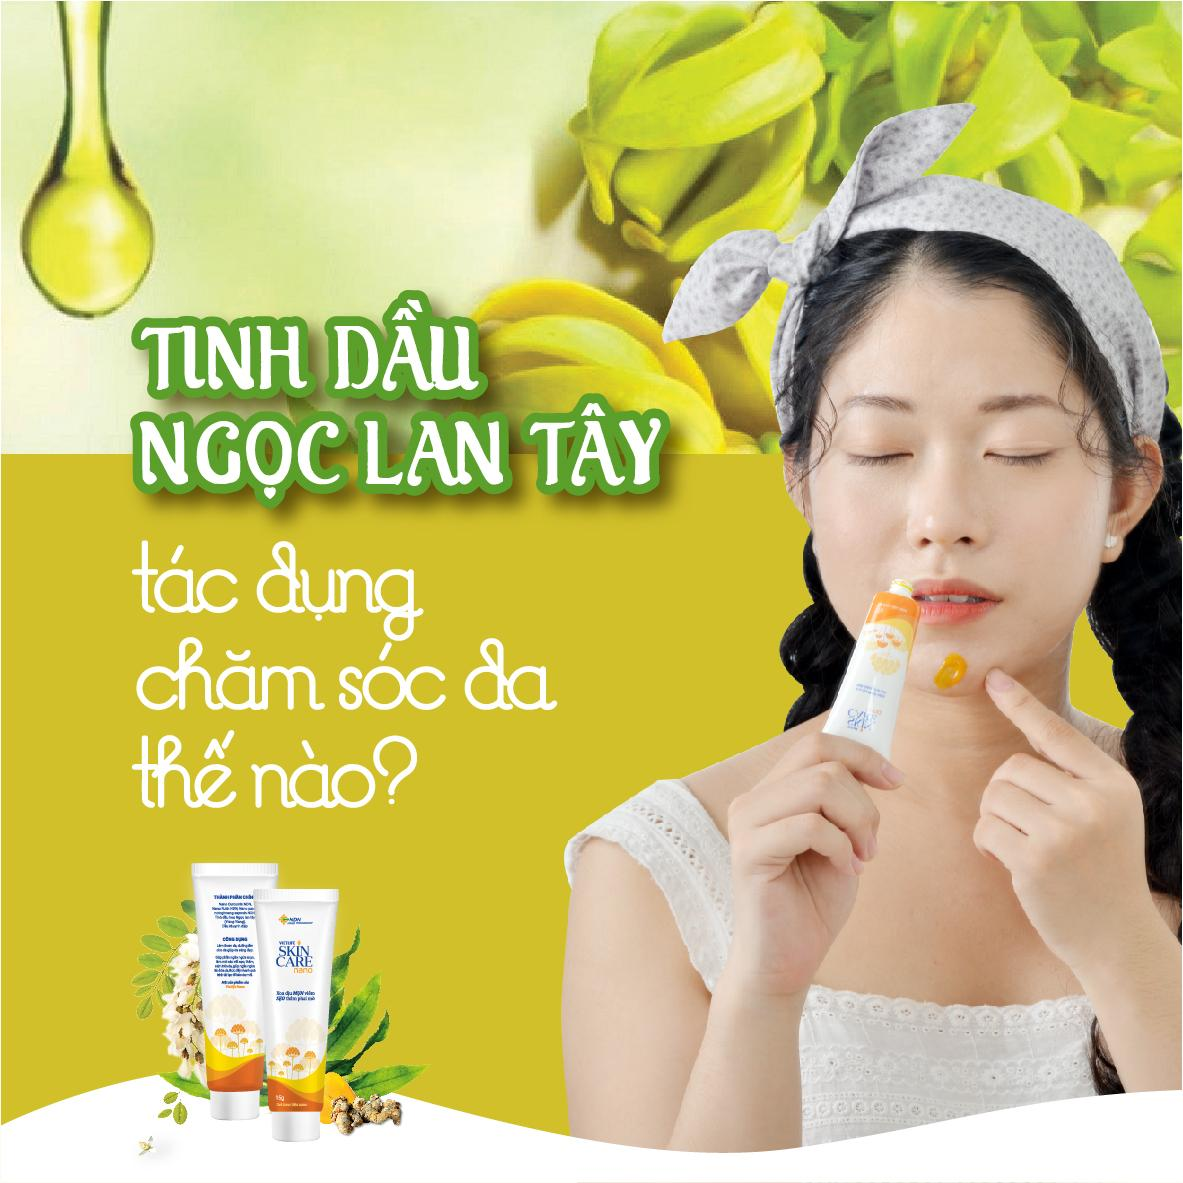 Tác dụng chăm sóc da của tinh dầu ngọc lan tây trong Vietlife Skincare Nano